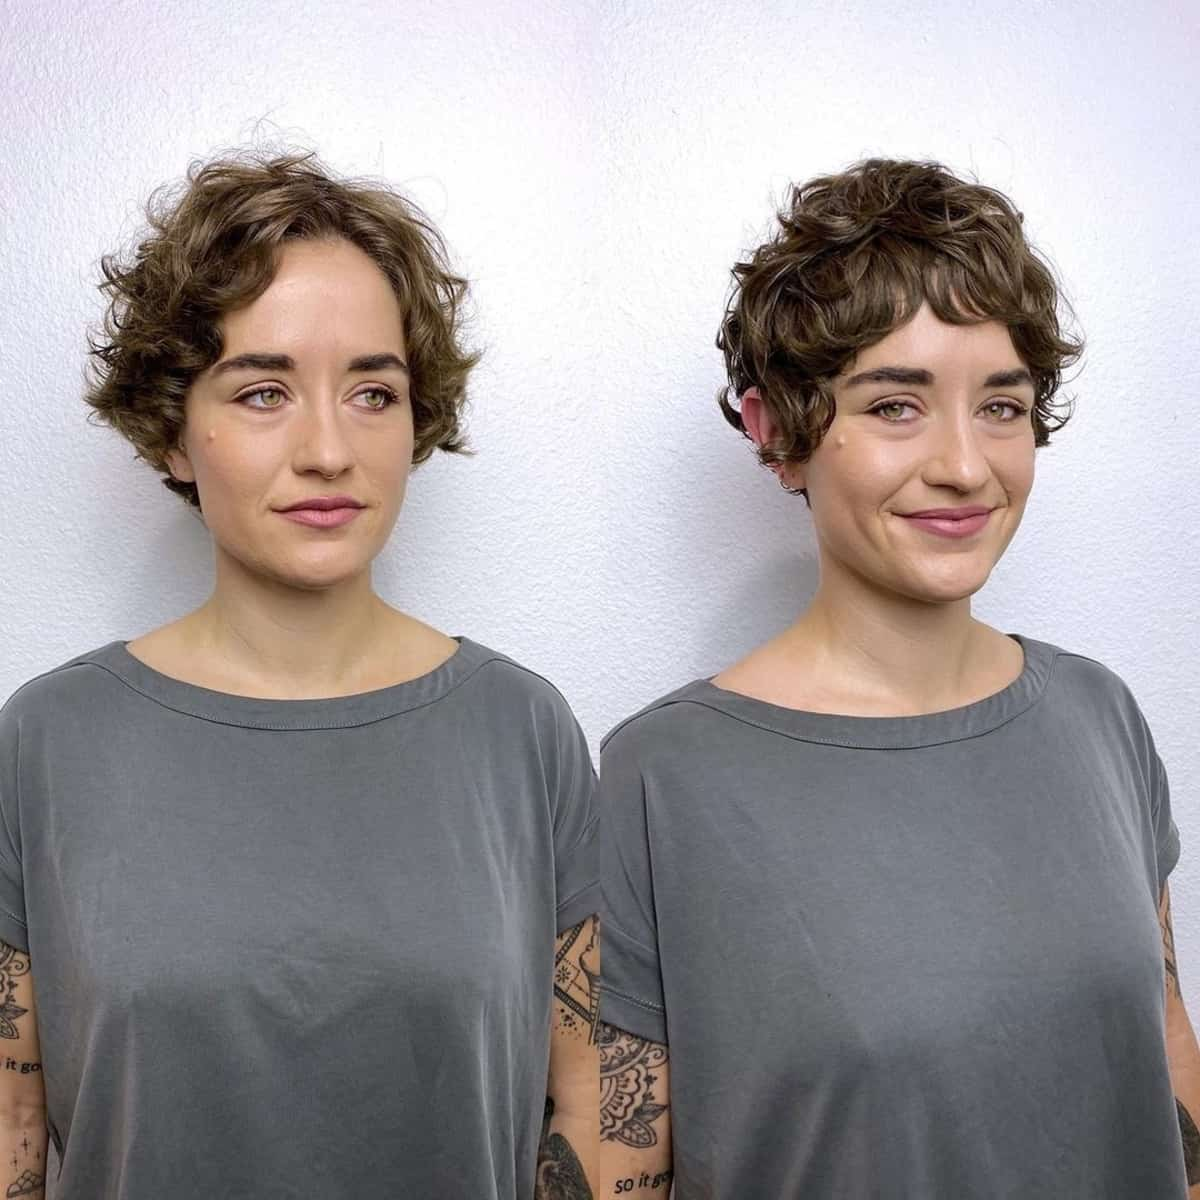 Coupe Pixie pour les cheveux ondulés et épais